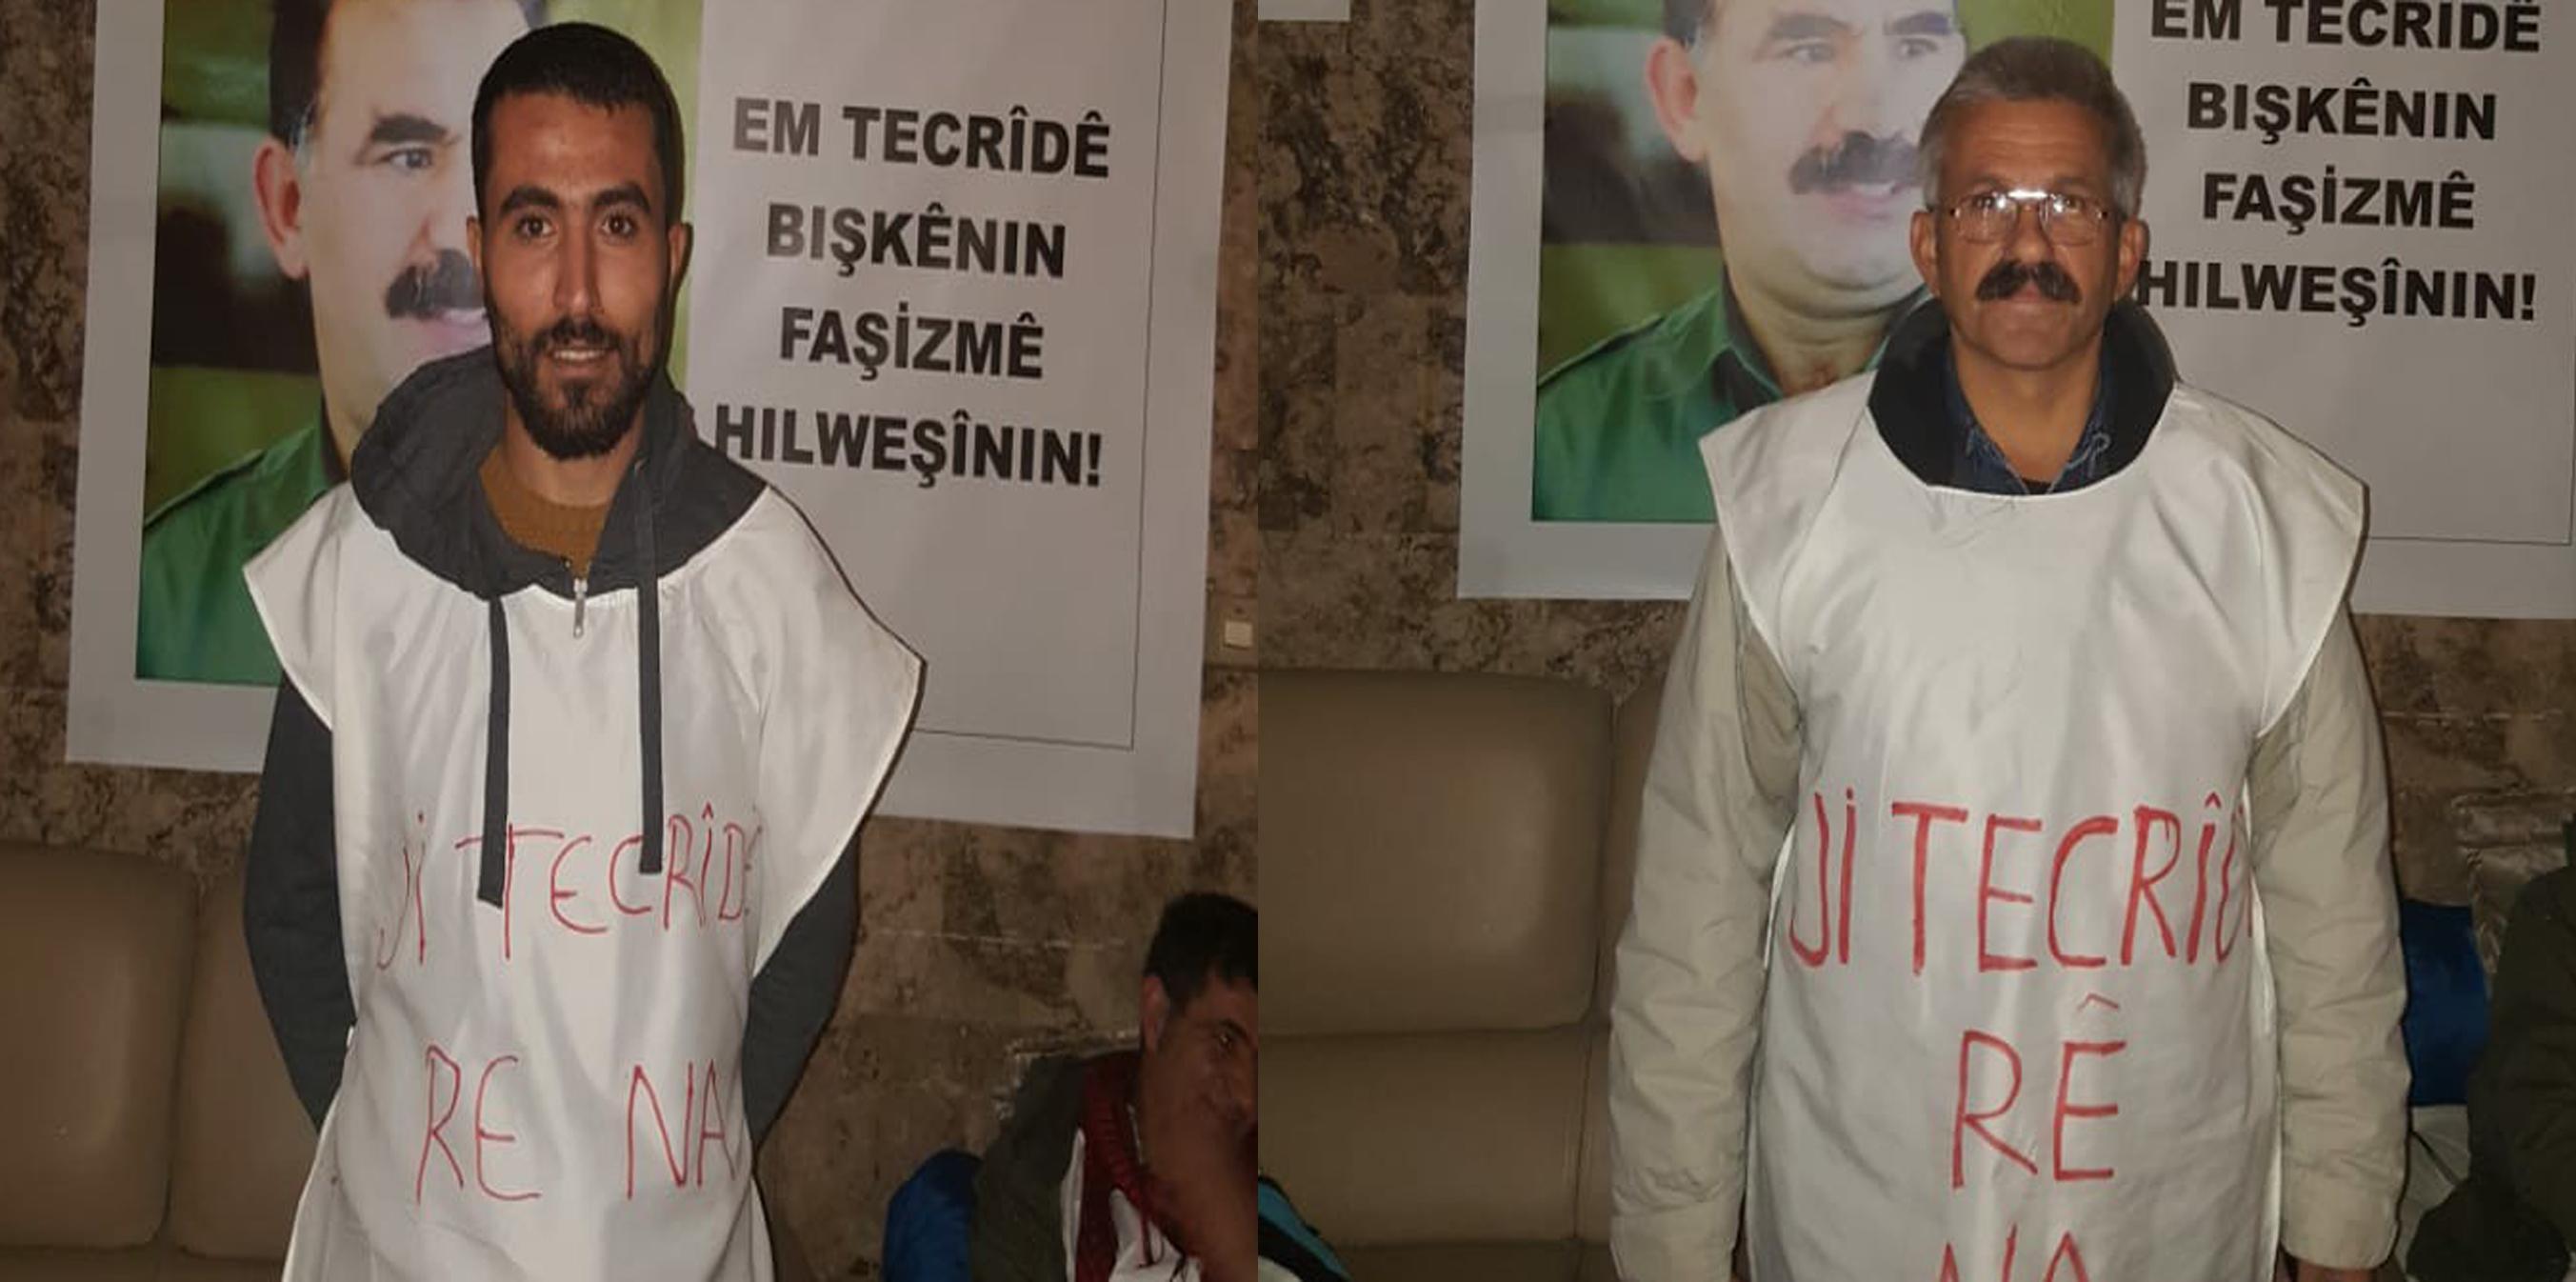 Photo of NÛNERTIYA HDP'Ê LI HEWLÊRÊ  DEST BI GREVA BIRÇÎBÛNÊ YA BÊ DEM Û DORVEGER KIR